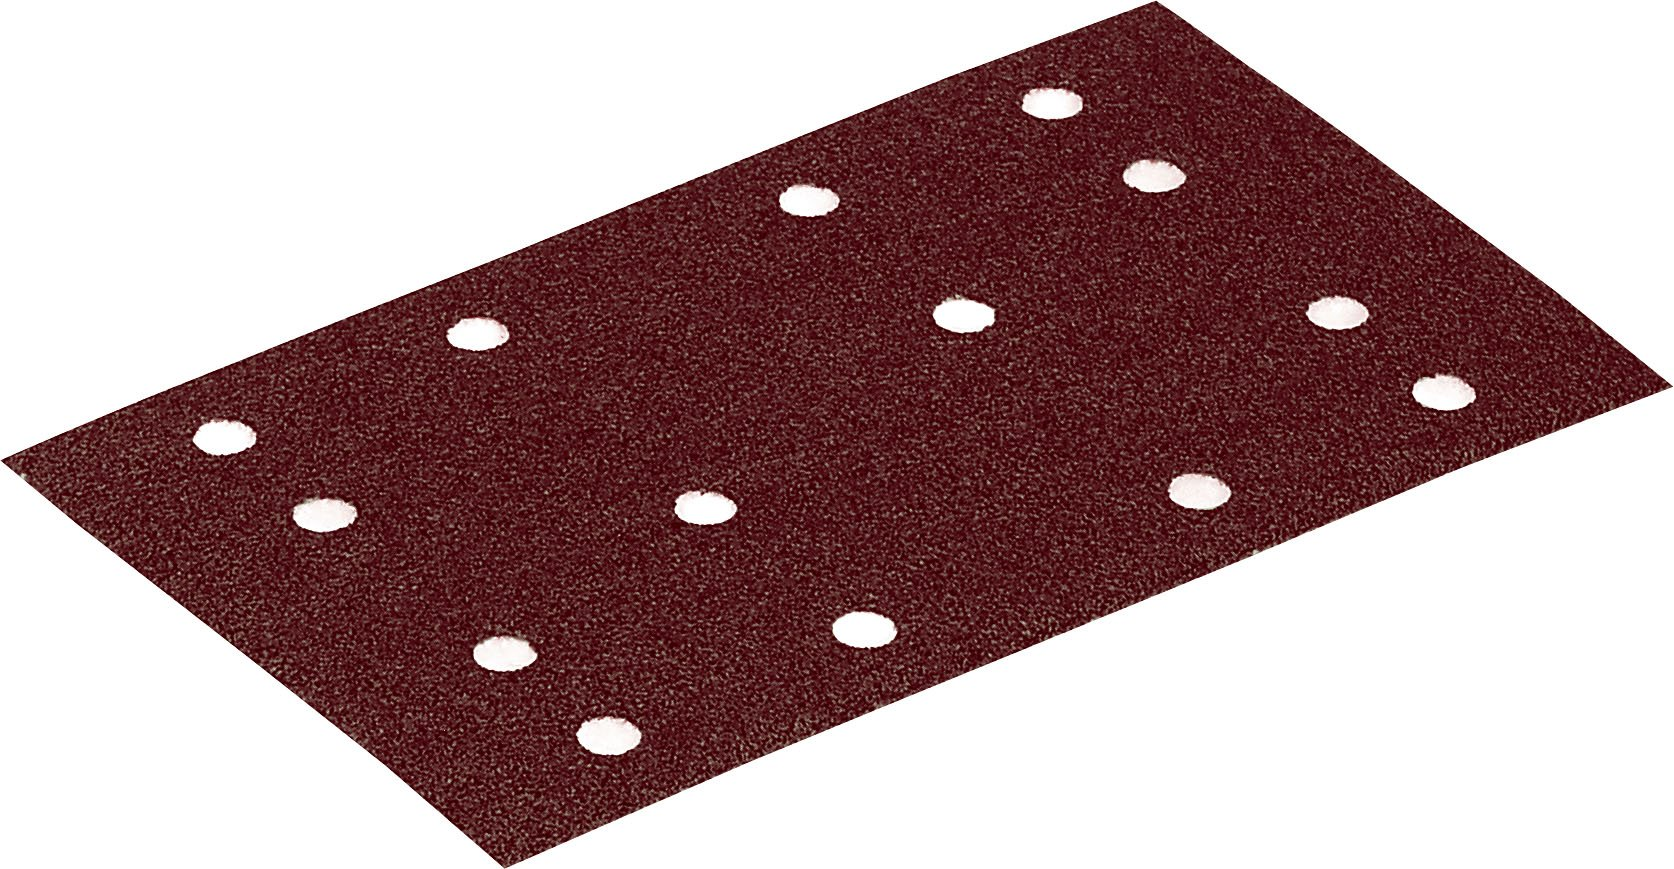 Festool 499053 P220 Grit Rubin 2 Abrasives for RTS 400/LS 130 Sander, 50-Pack